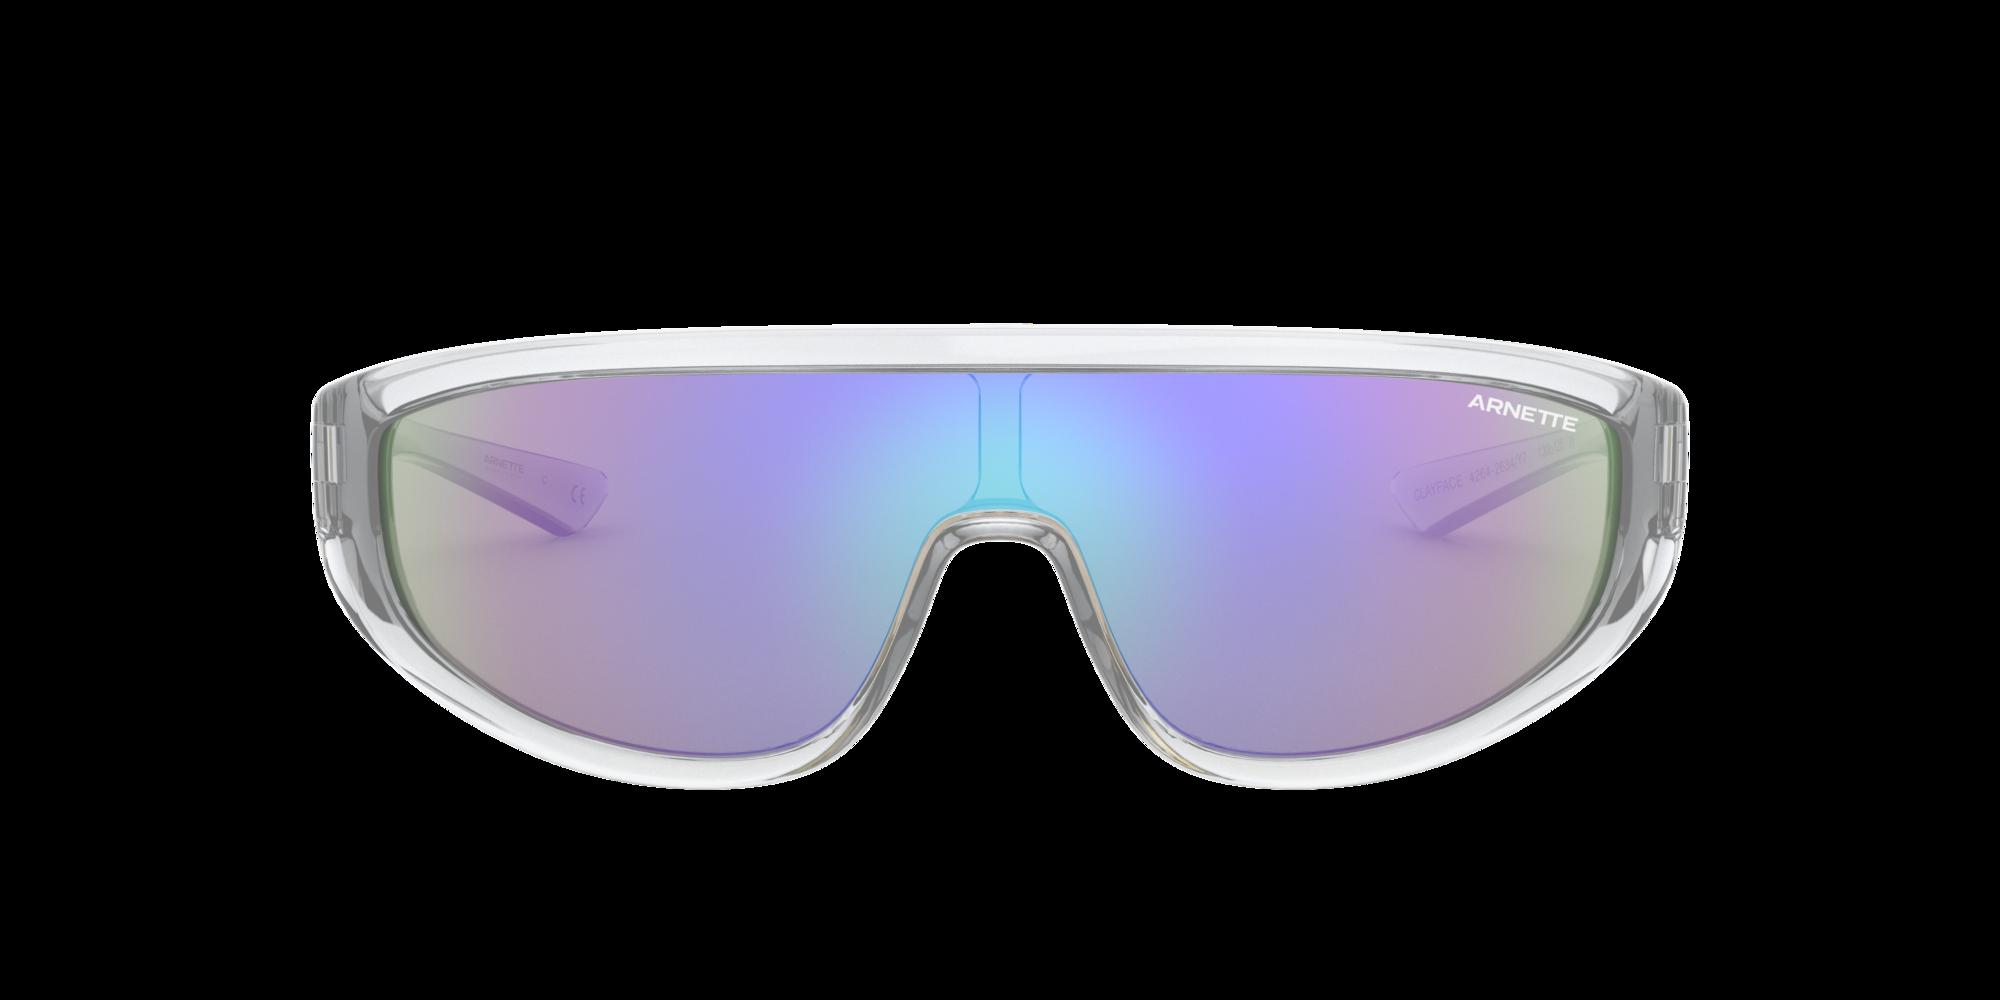 Imagen para AN4264 30 de LensCrafters |  Espejuelos, espejuelos graduados en línea, gafas